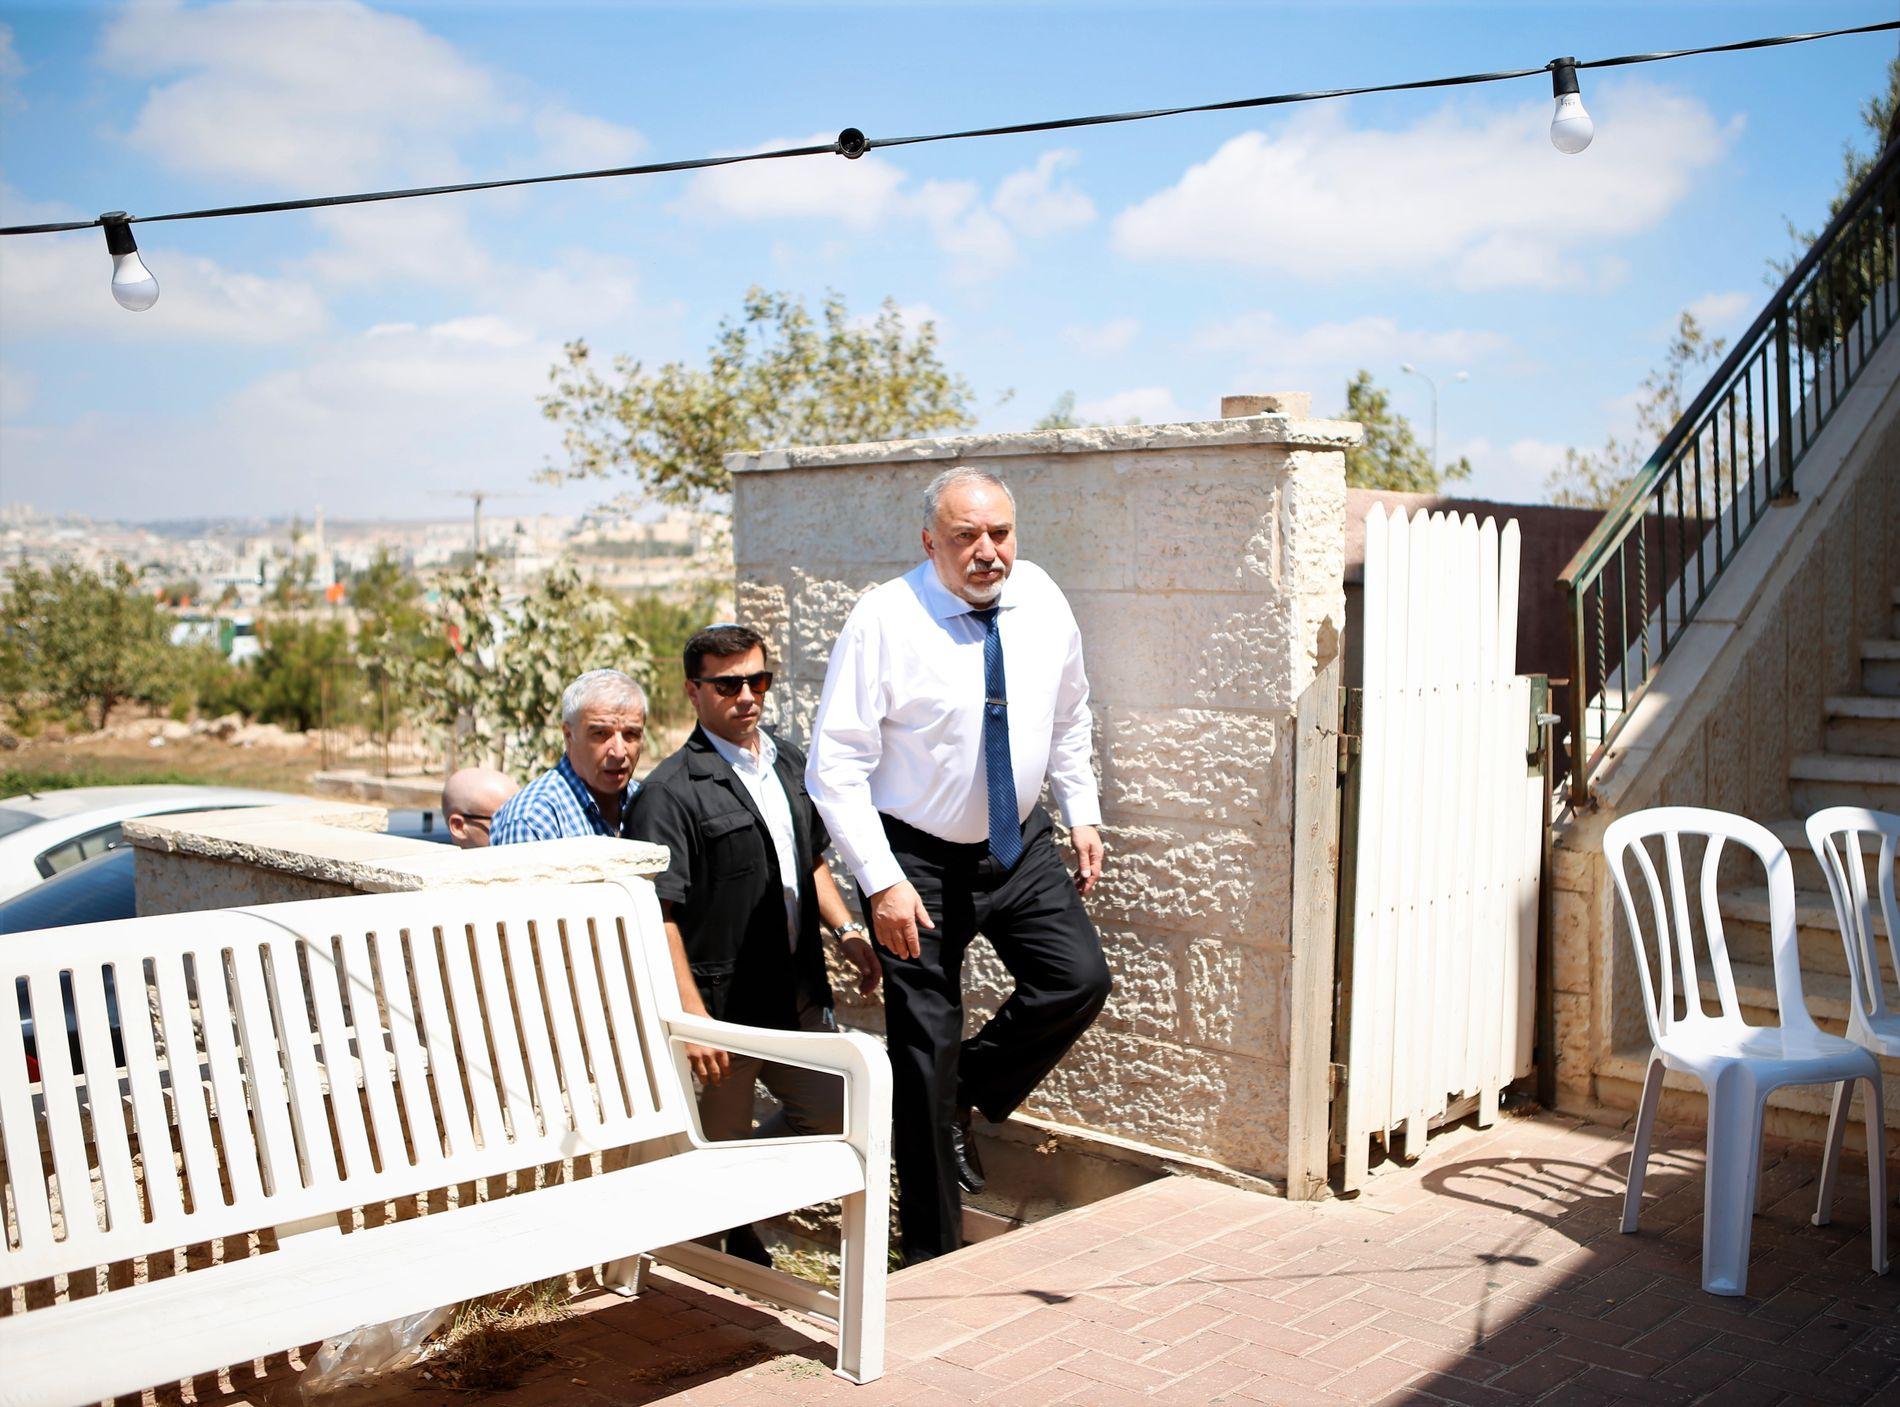 FORSVARSMINISTER: Avigdor Lieberman, Israels forsvarsminister, besøker enken Tal. Han er en forkjemper for utbyggingen av bosetninger.